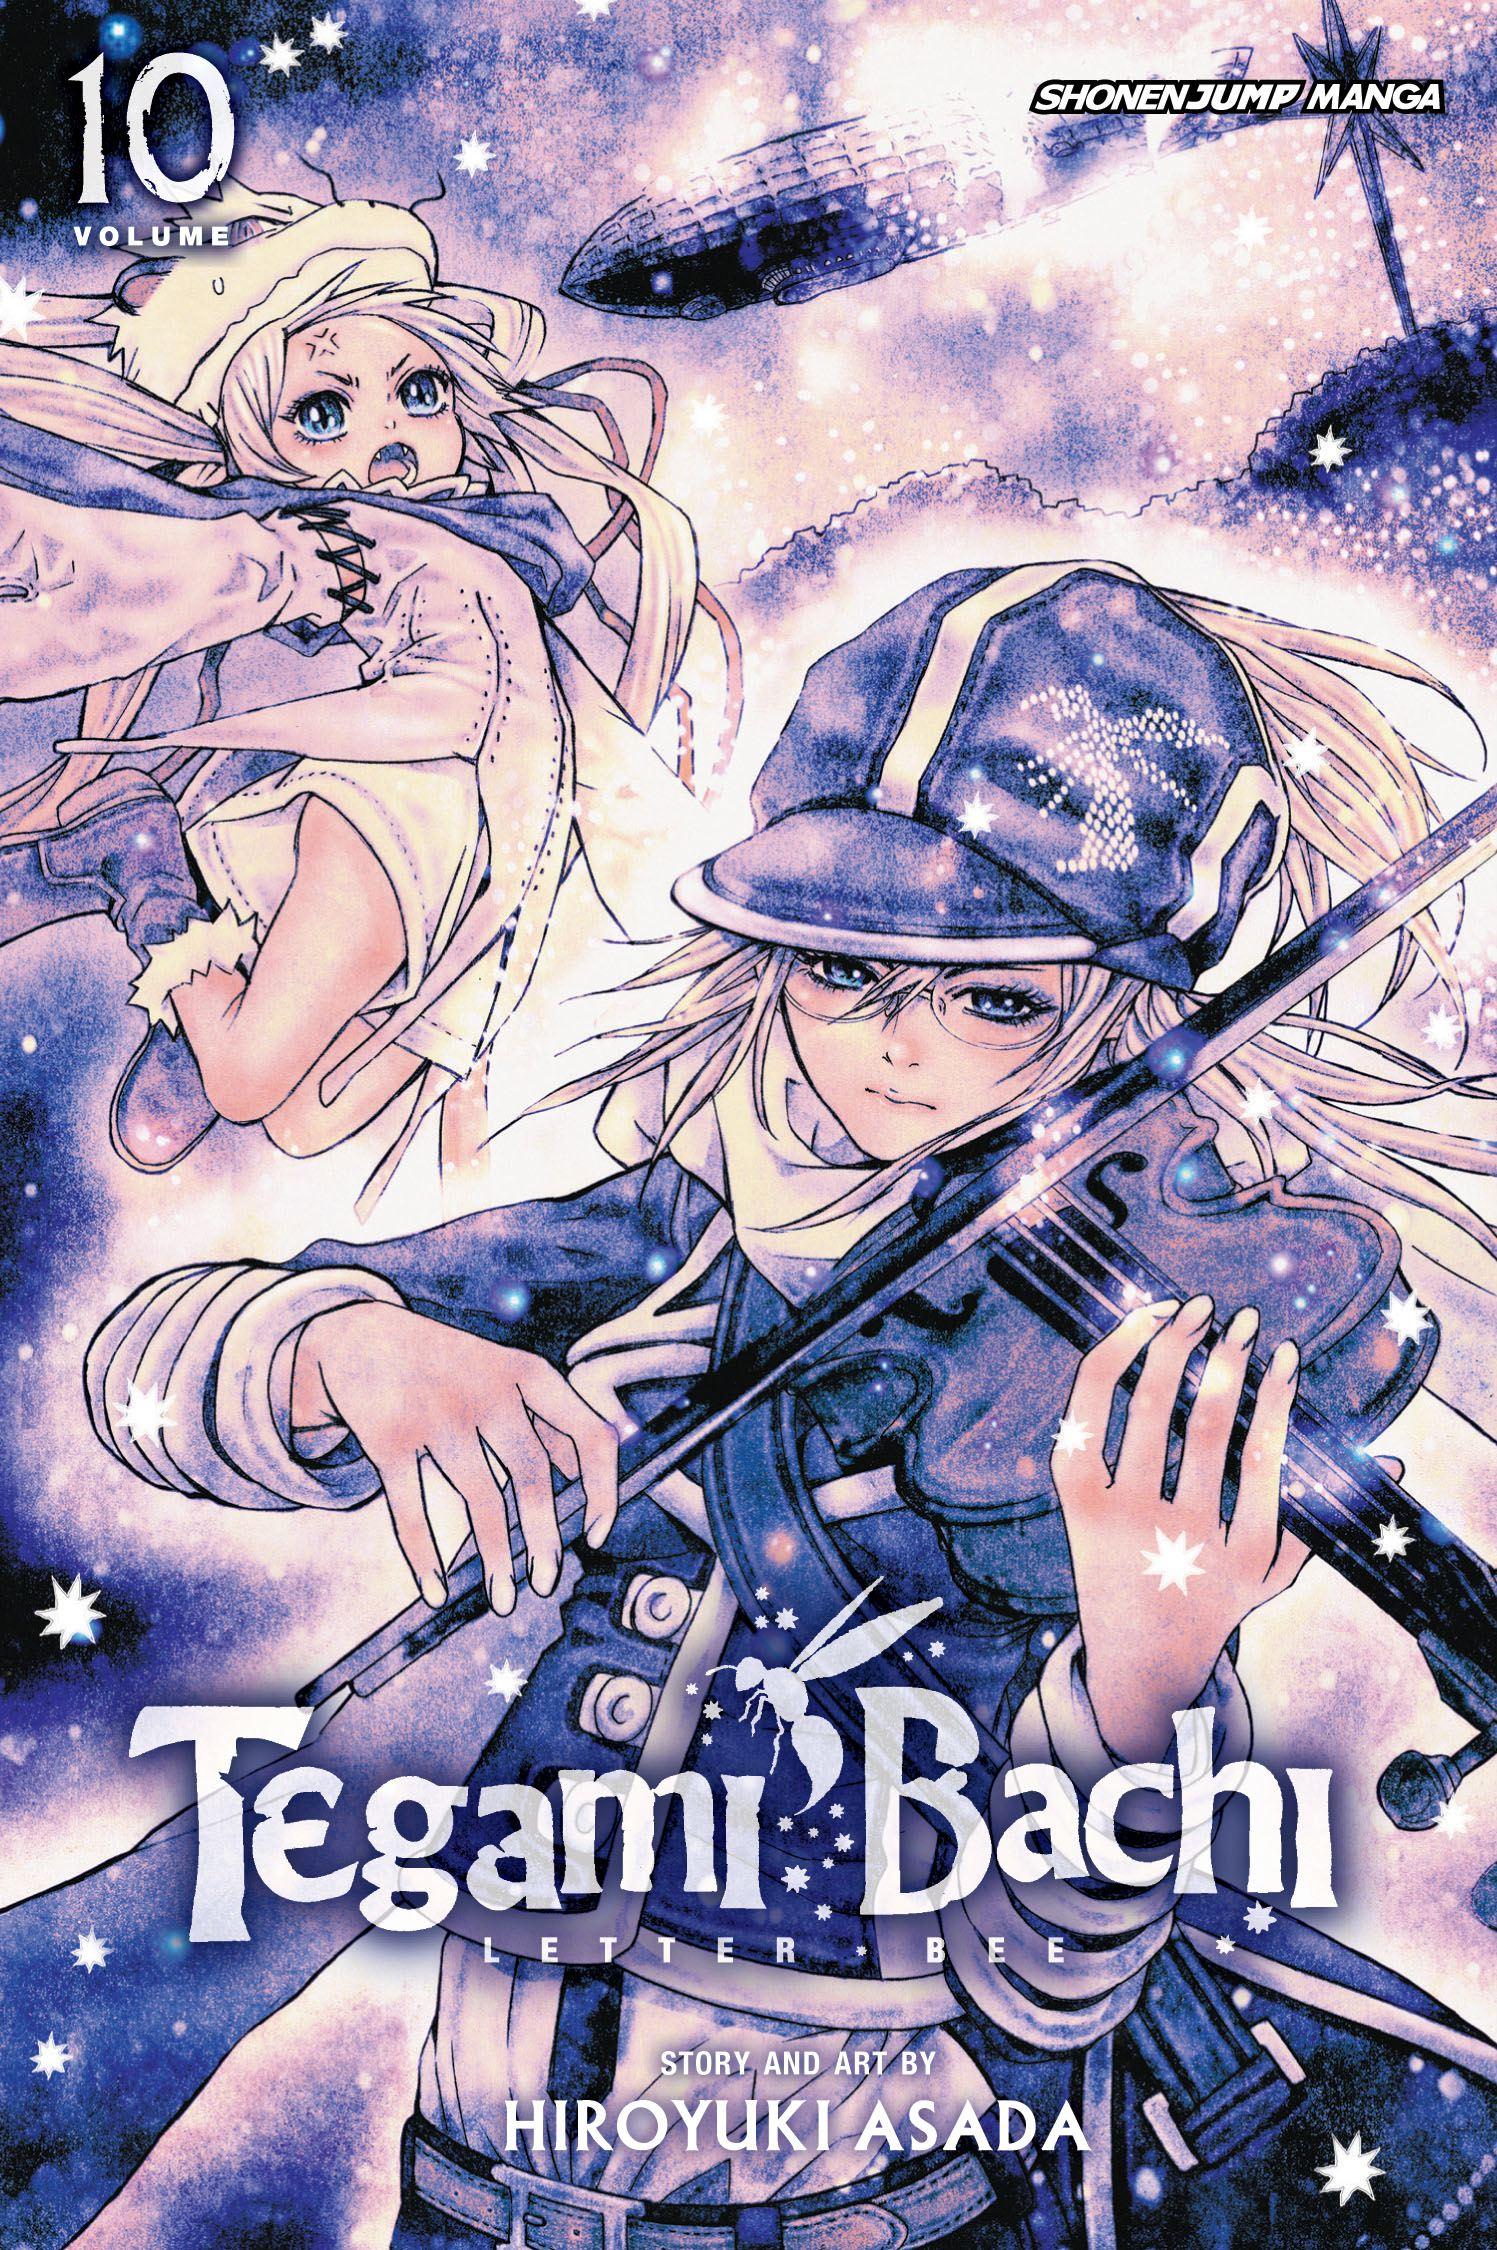 Tegami bachi vol 10 9781421541457 hr